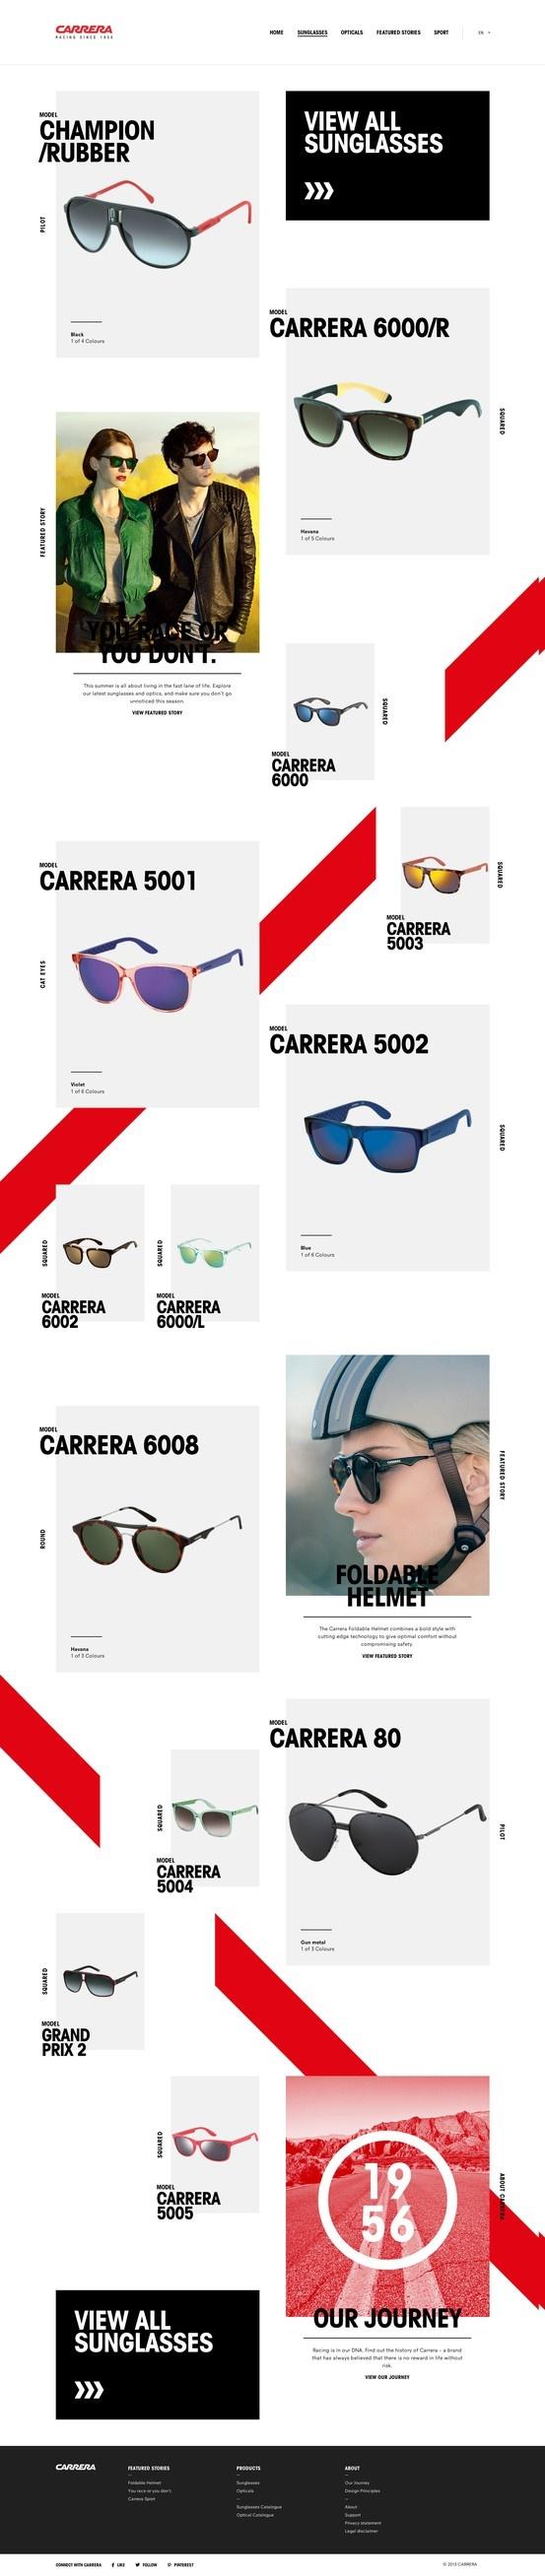 Carrera sunglasses - eye catching catalog layout